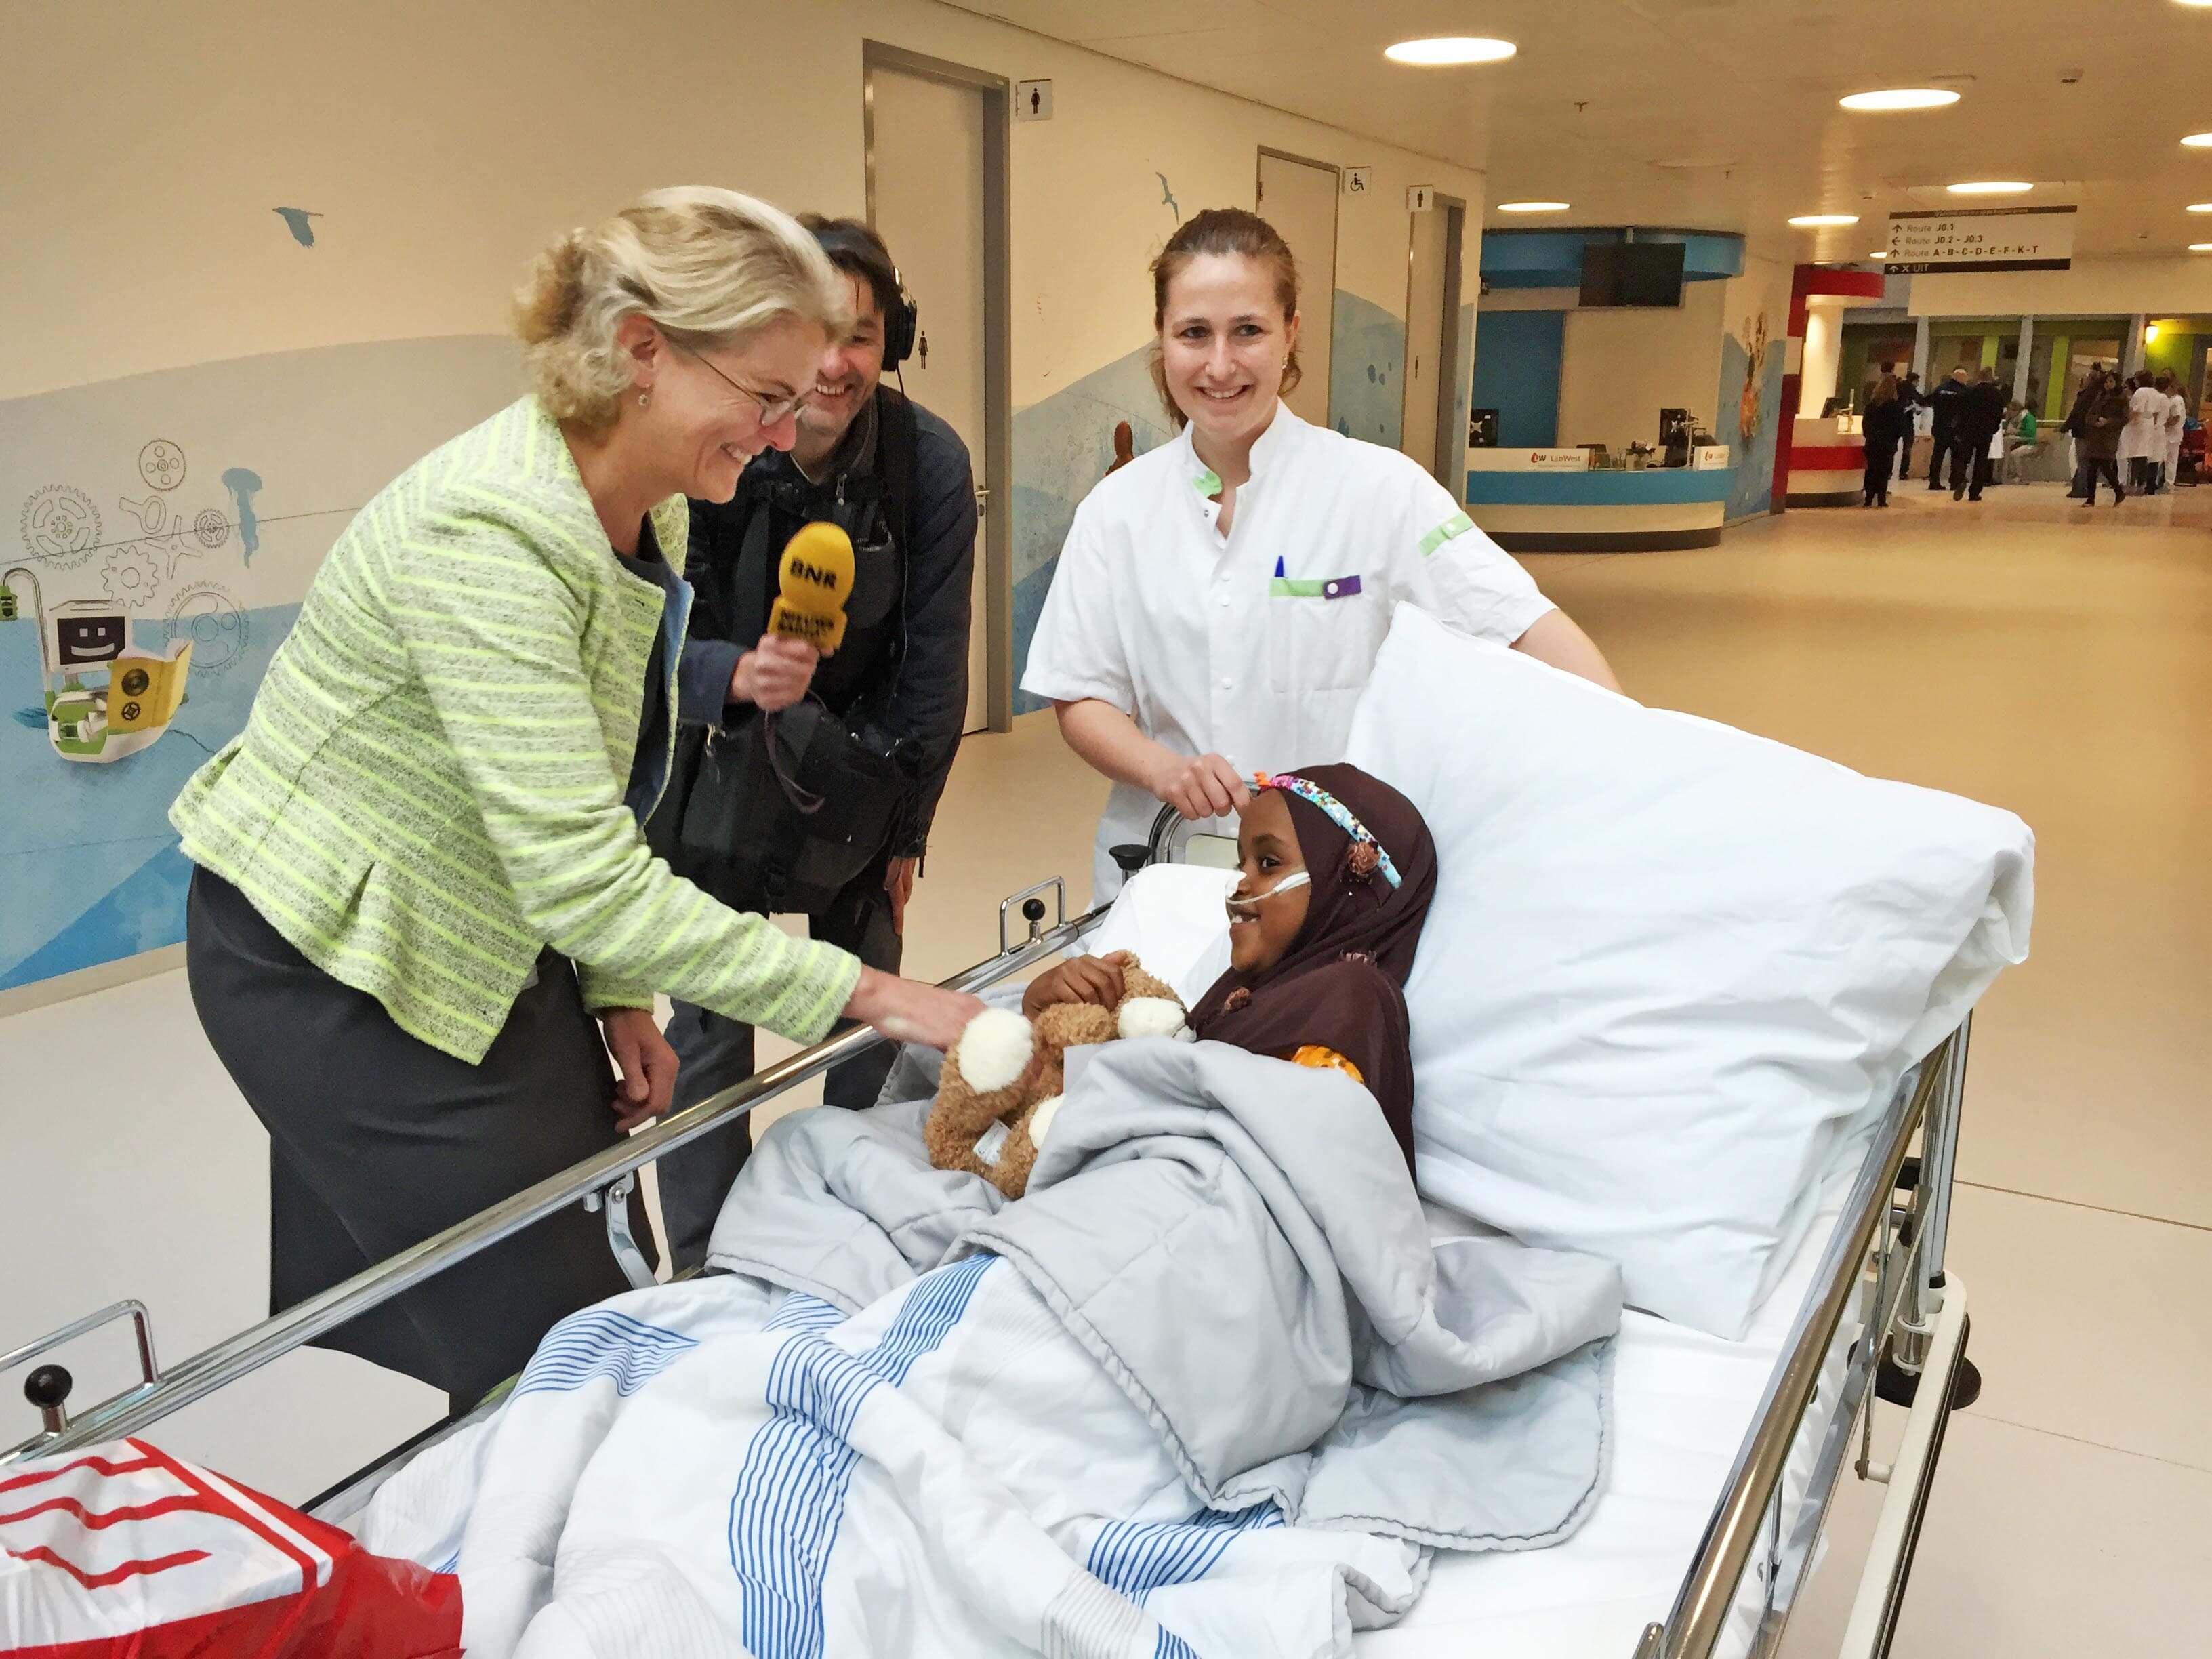 Nieuw Juliana Kinderziekenhuis voor Haagse regio